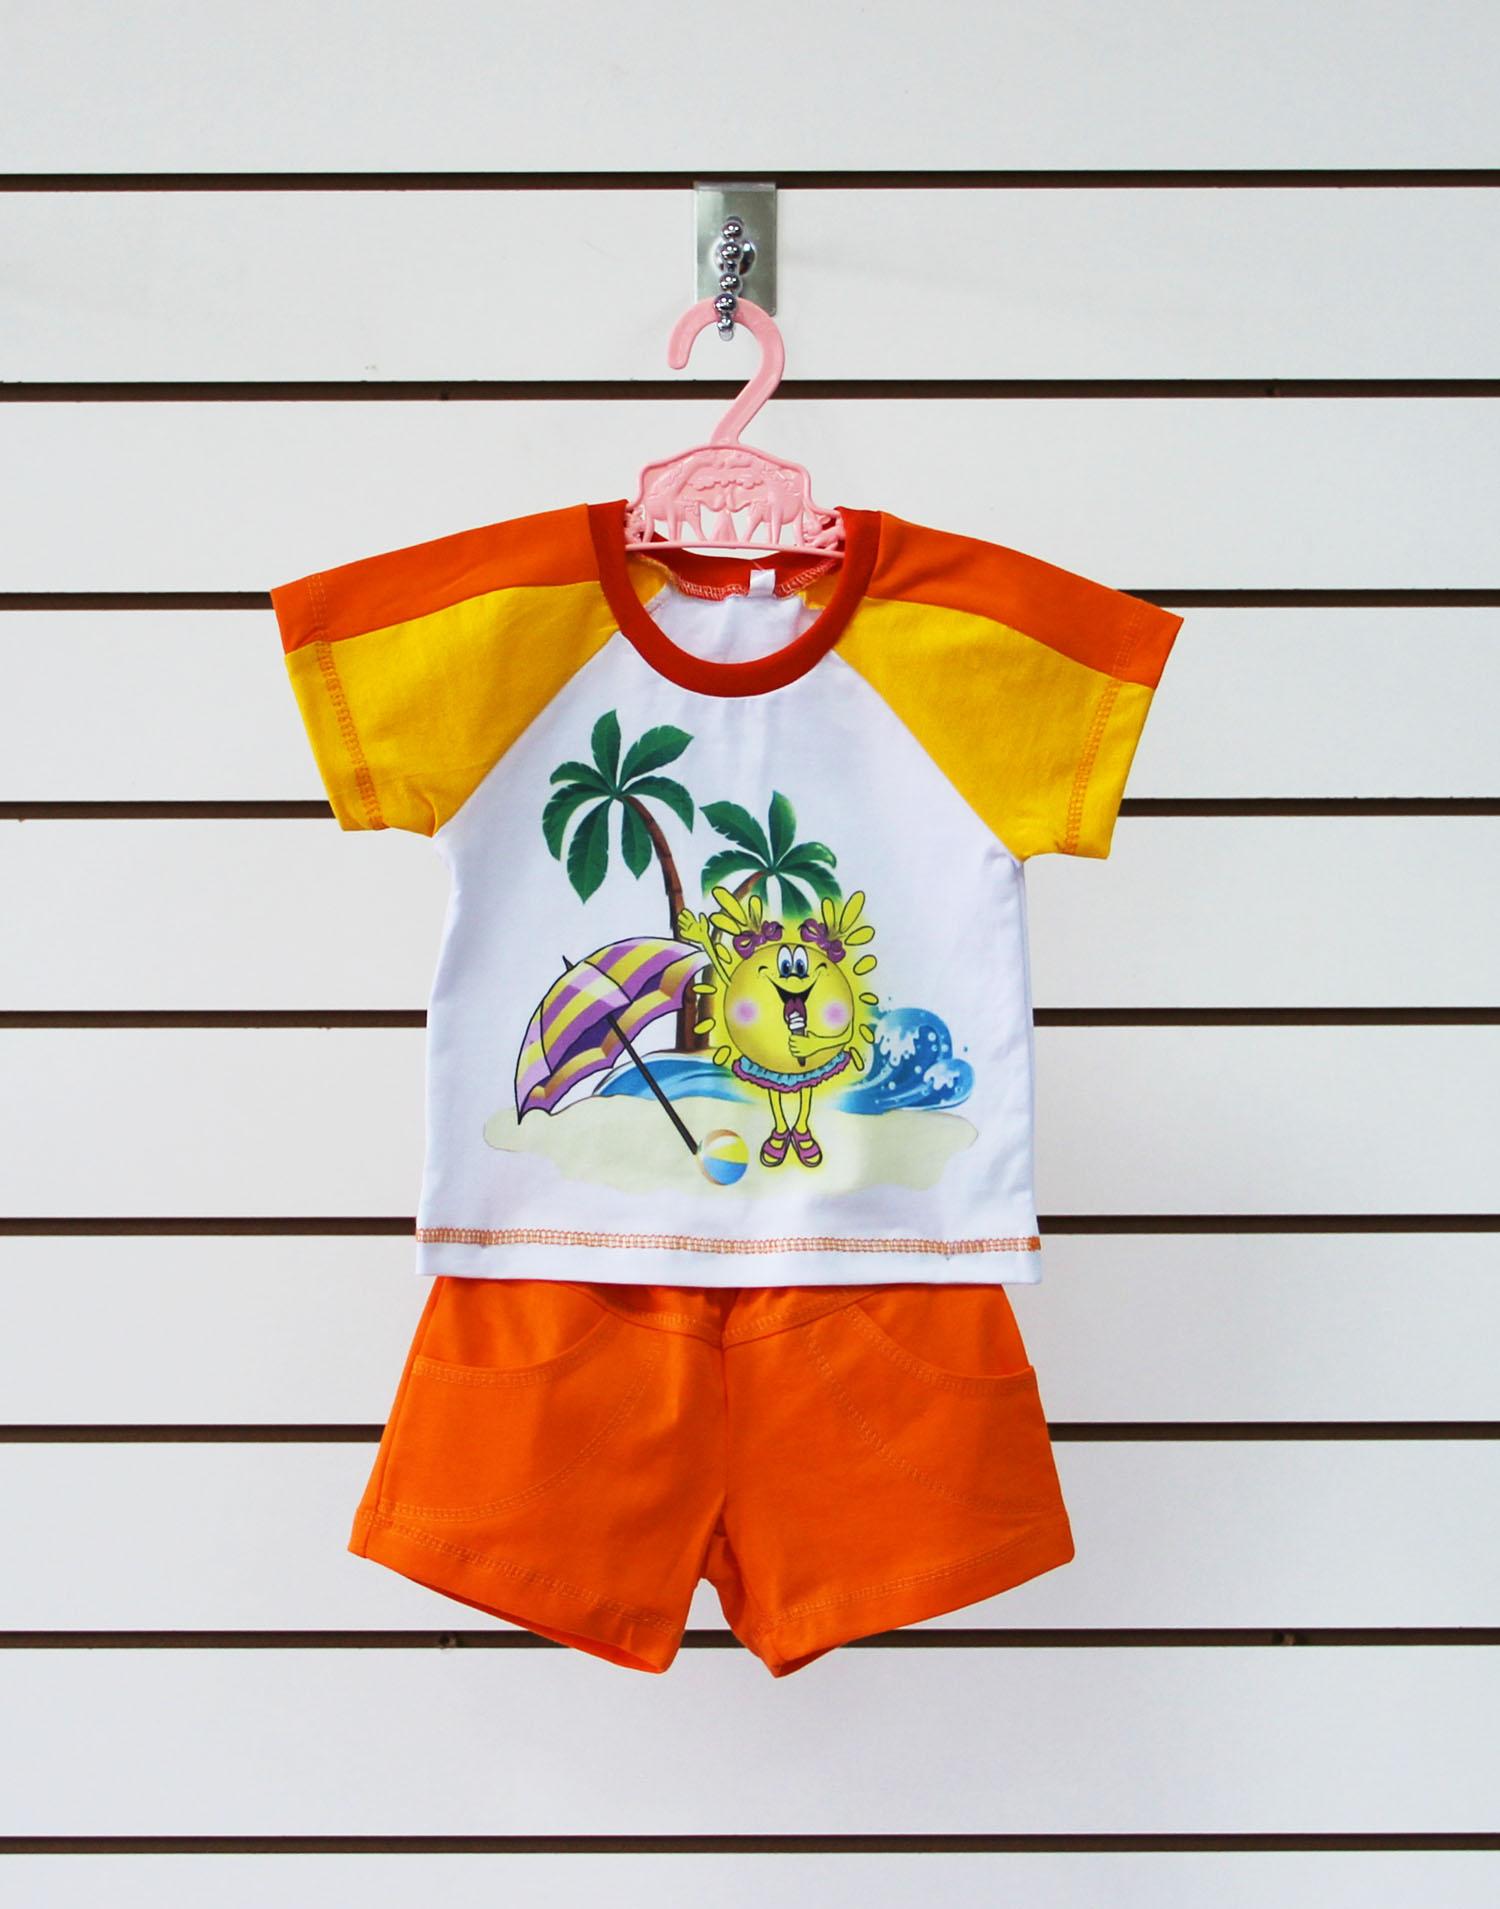 Комплект одежды детский Солнышко футболка рукав реглан и шортыКомплекты и костюмы<br><br><br>Размер: Салатовый